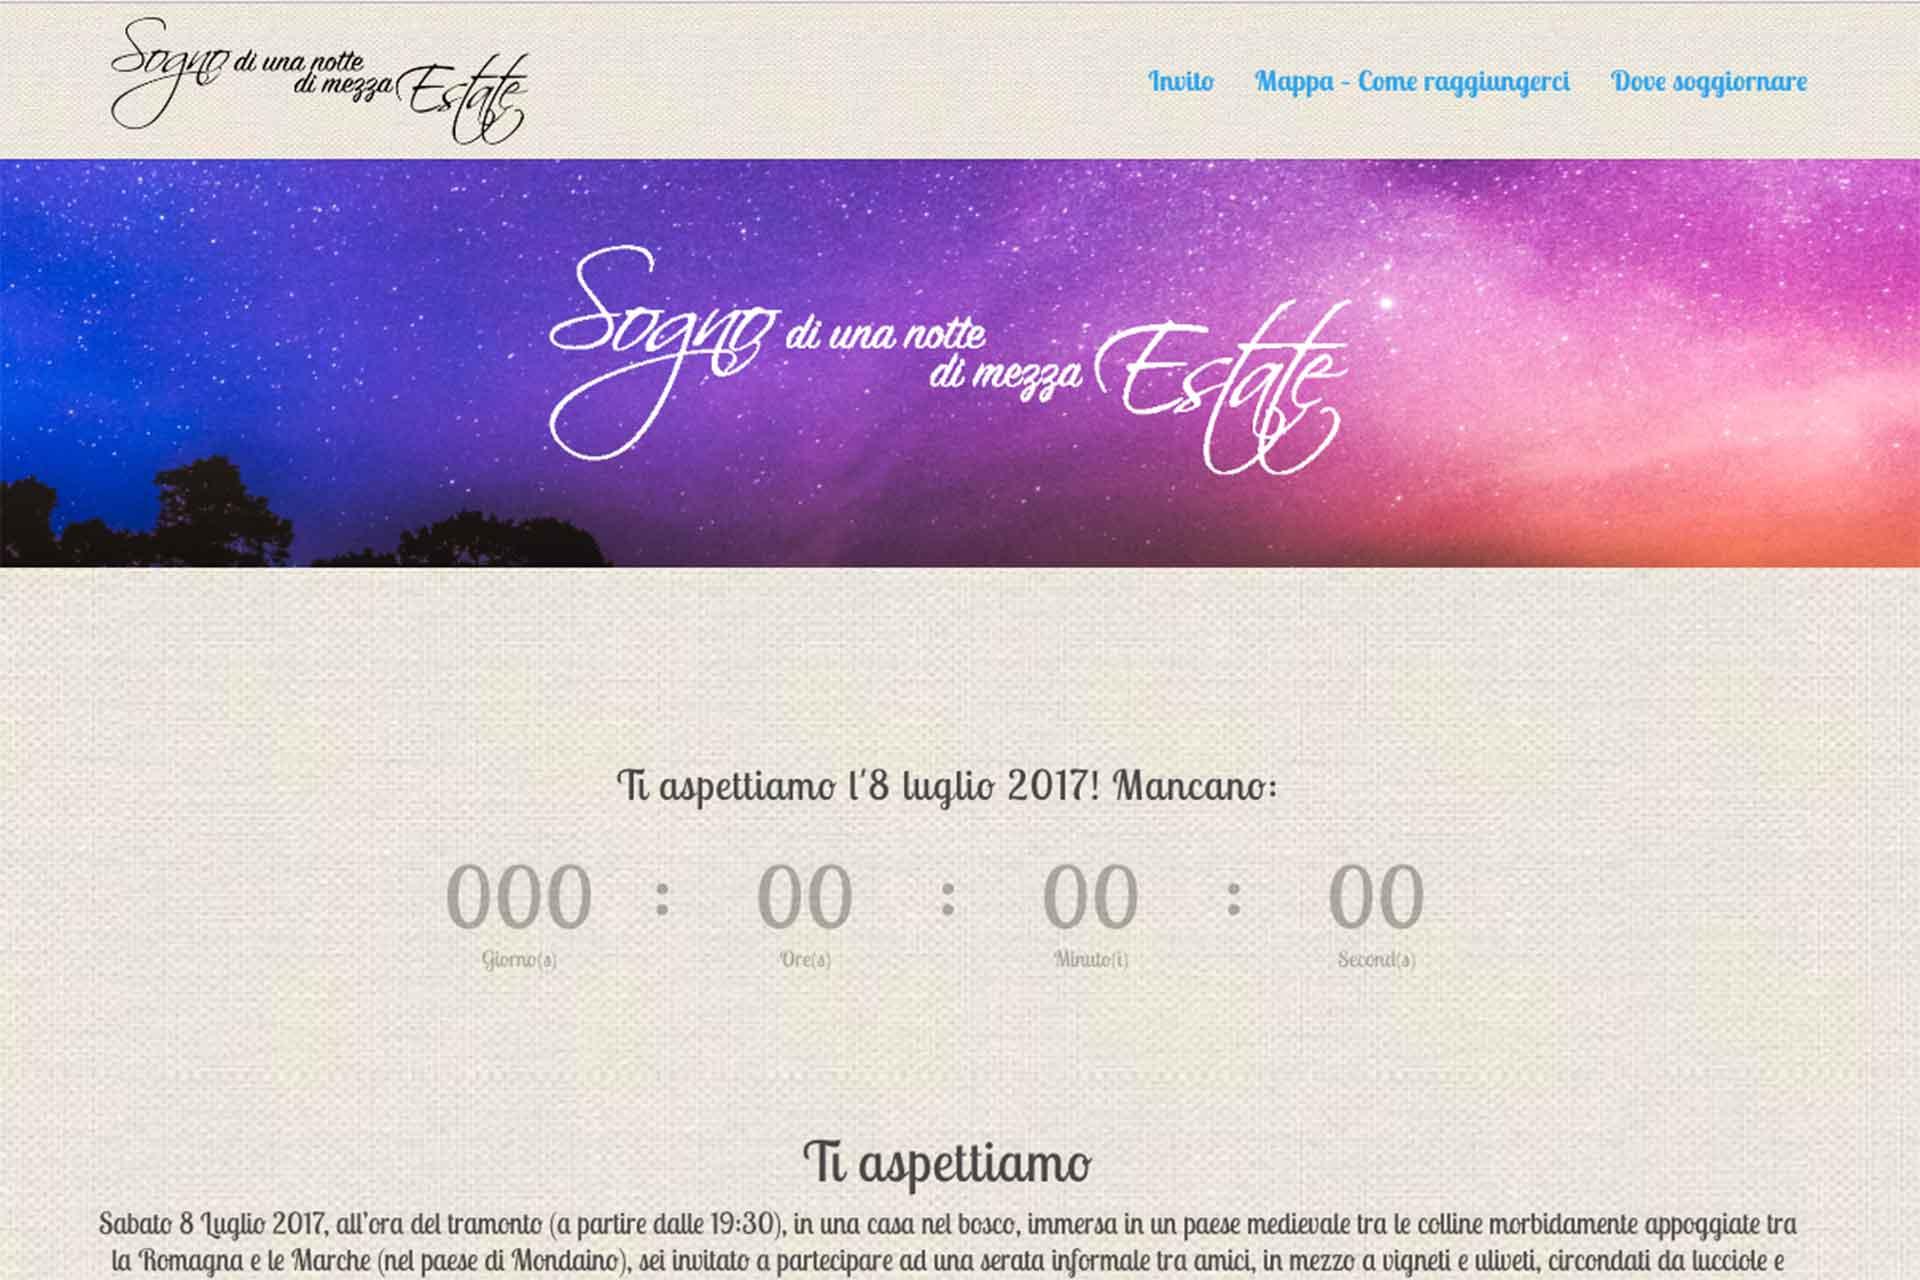 lv-design-realizzazione-siti-web-bologna-portfolio-sogno-di-una-notte-di-mezza-estate-slide-1